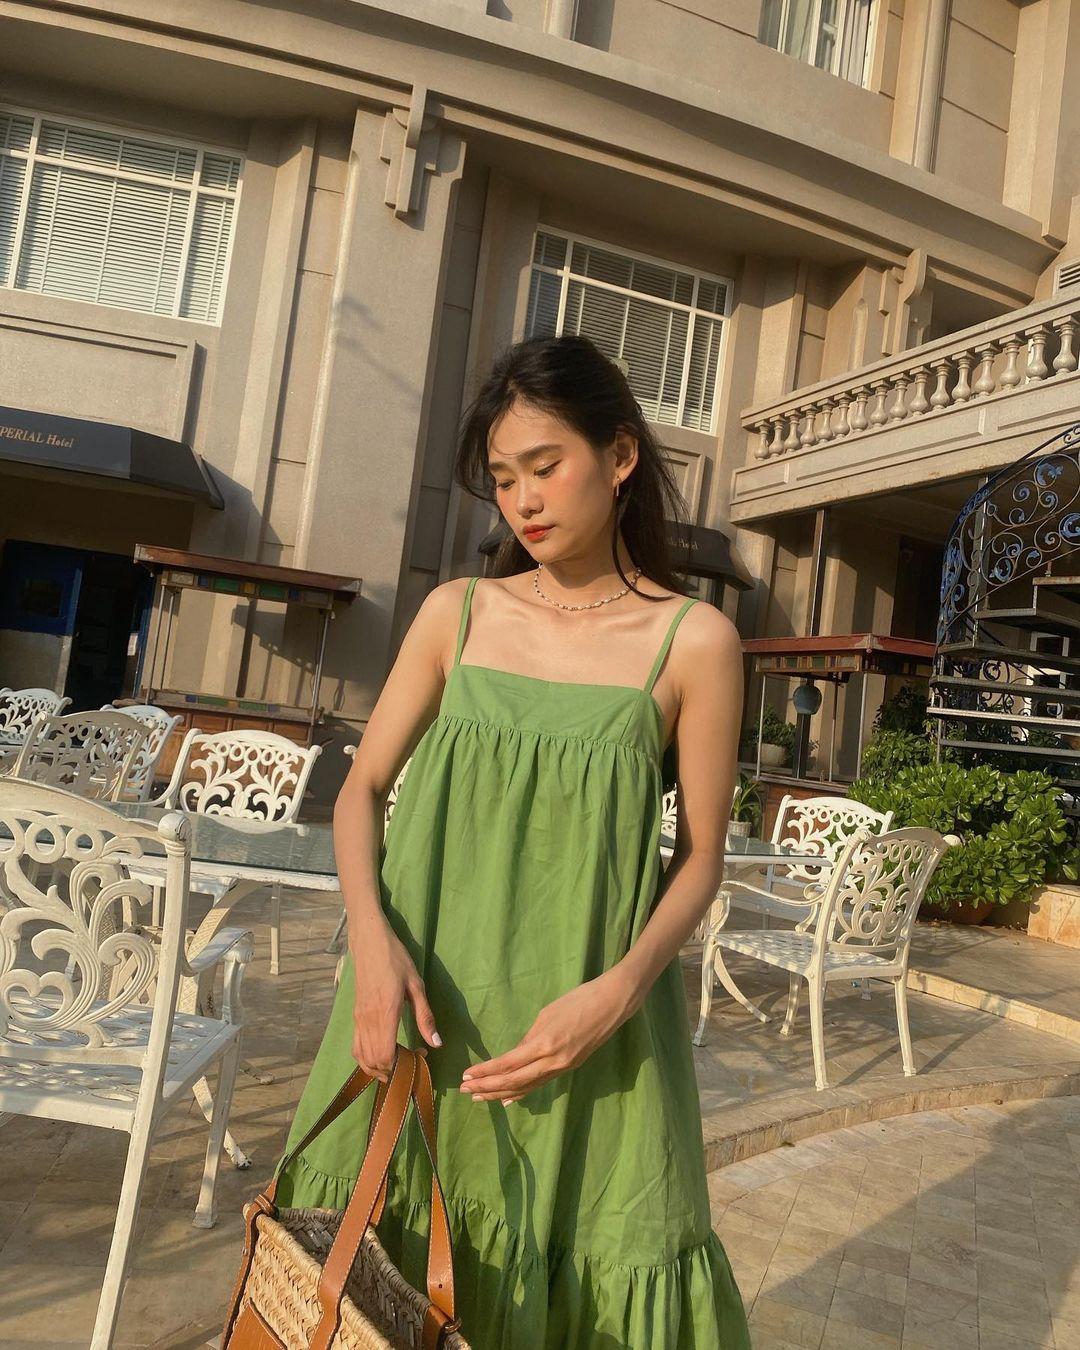 Có 1 mẫu váy đi biển siêu xinh mà từ Hà Hồ tới Kaity Nguyễn đều ưng nổ đĩa, quá hợp để diện đi du lịch luôn! - Ảnh 9.